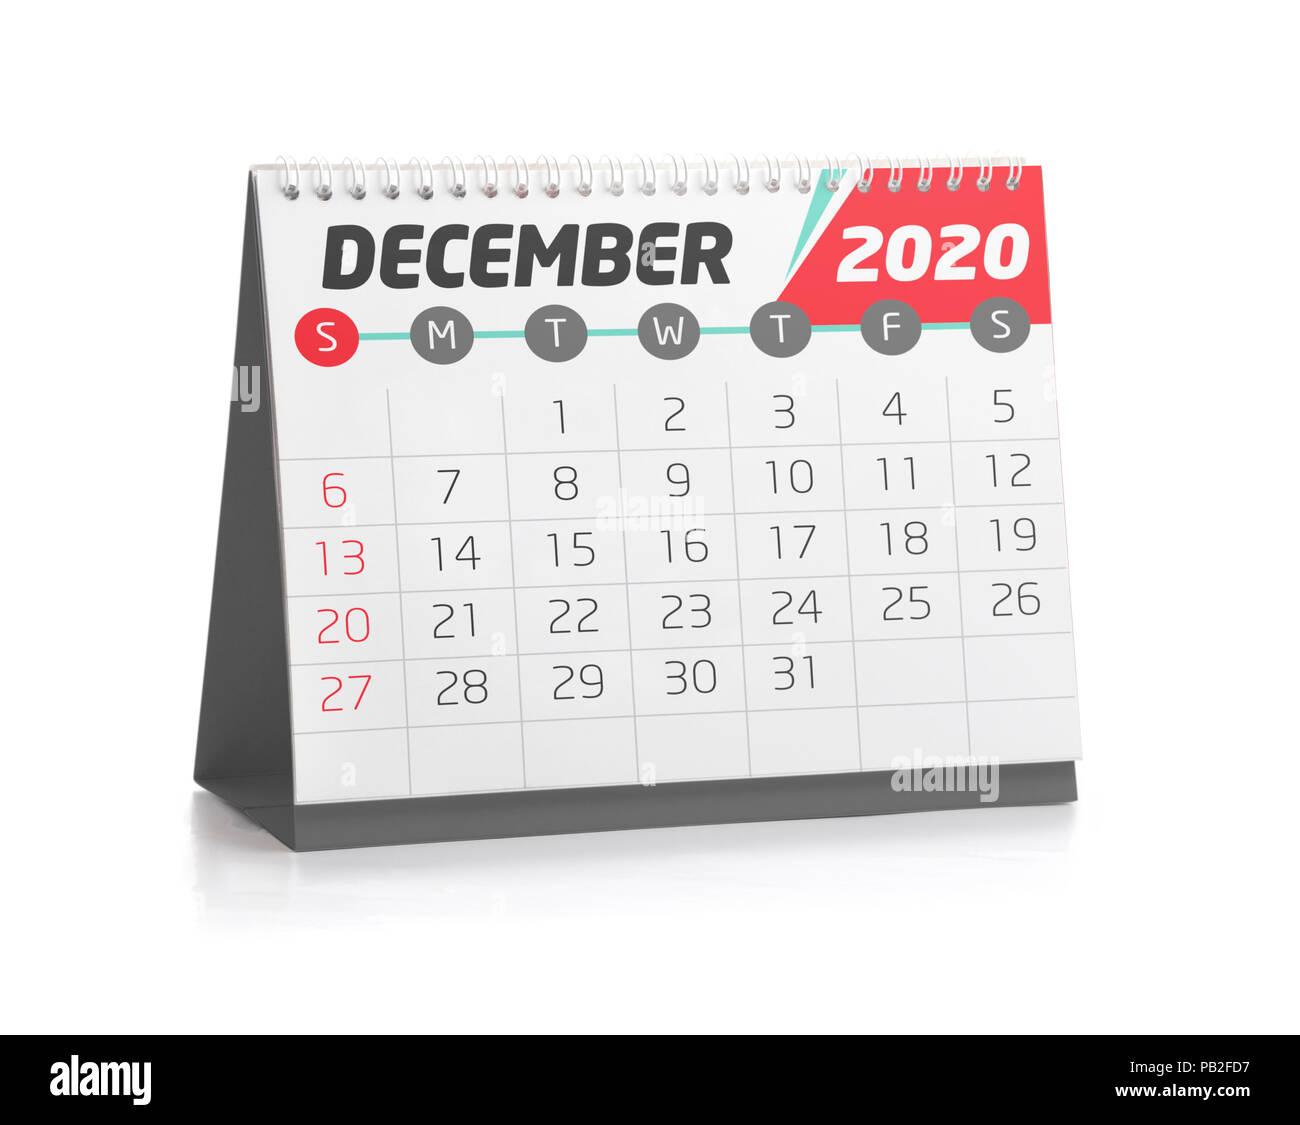 December Calendar 2020.December White Office Calendar 2020 Isolated On White Stock Photo